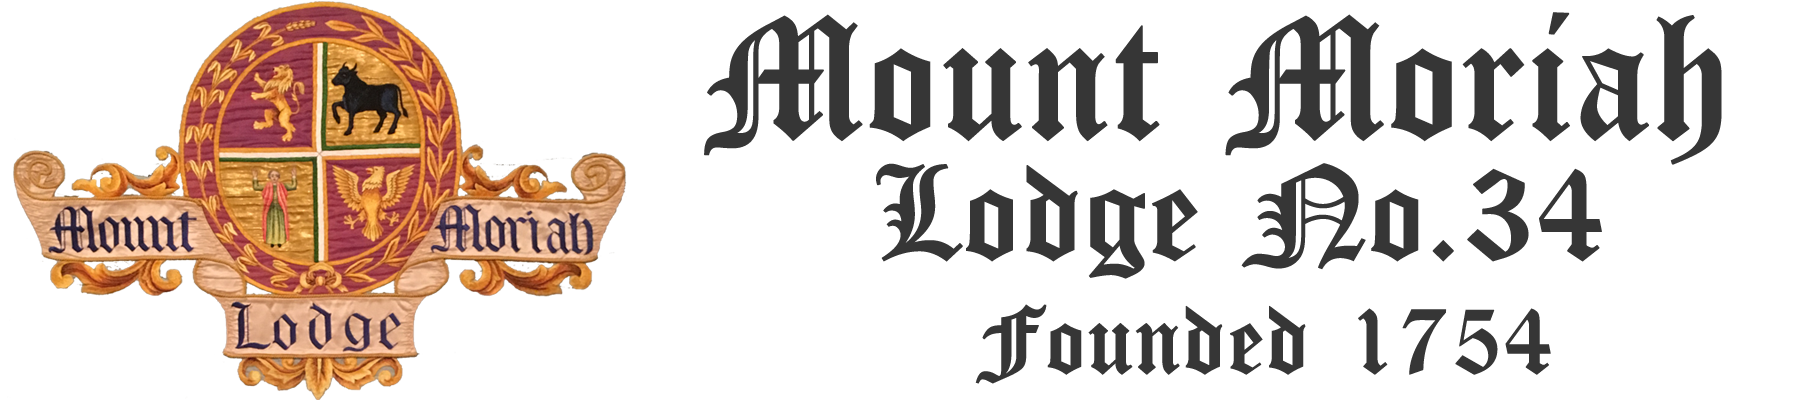 Mount Moriah Lodge No. 34